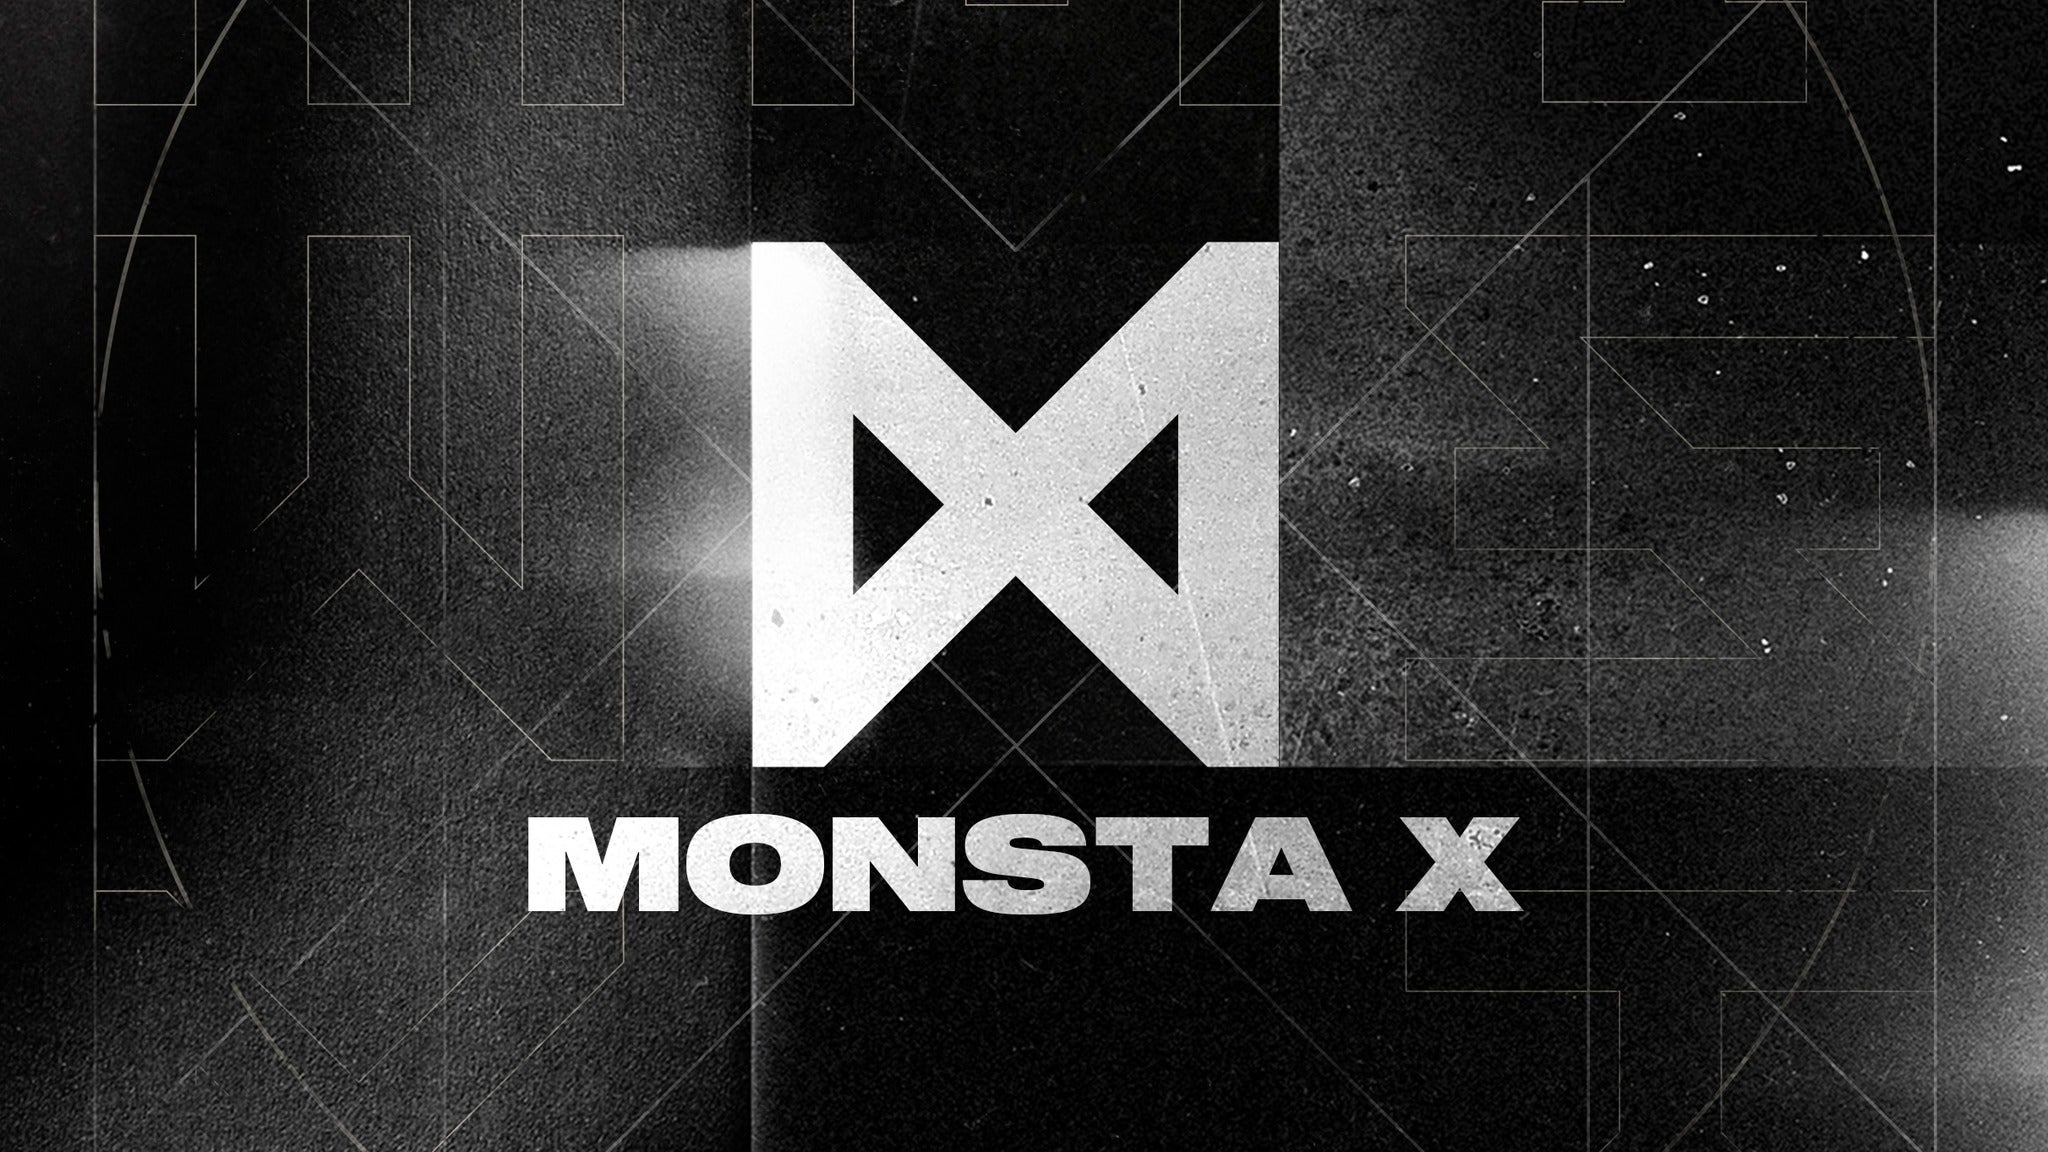 2018 Monsta X U.s. Tour at Rosemont Theatre